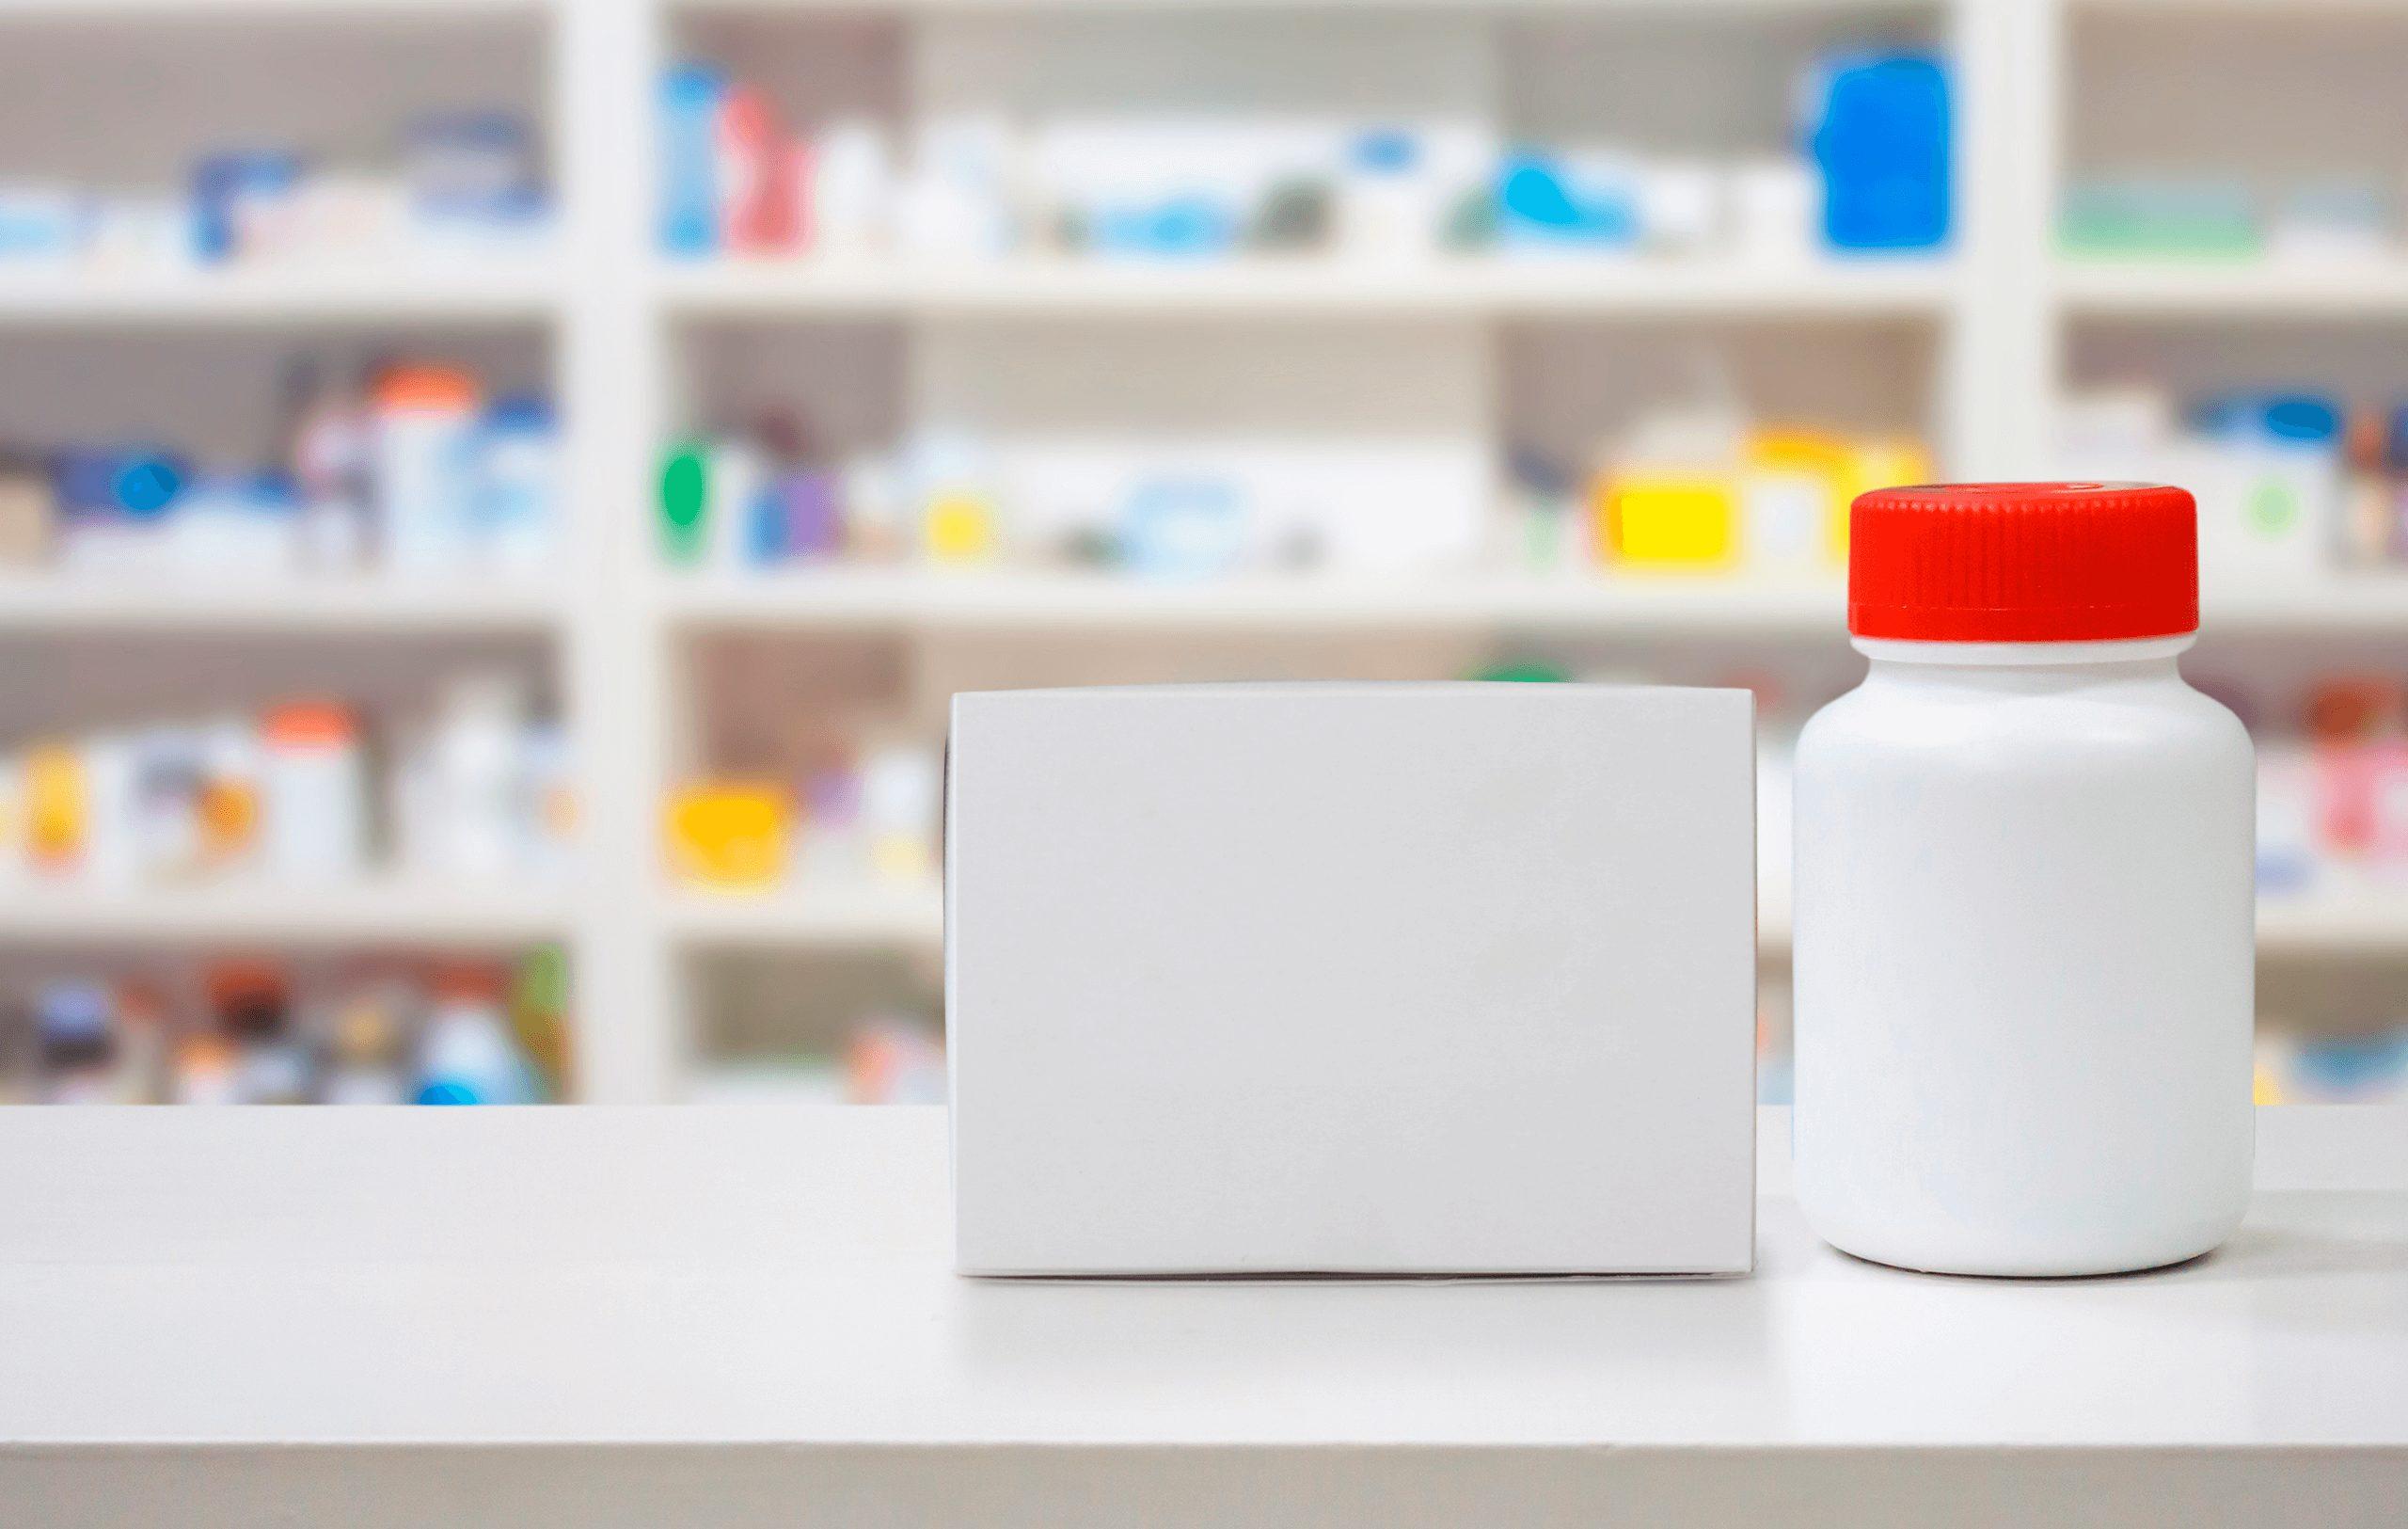 farmacias de ahorro. alt